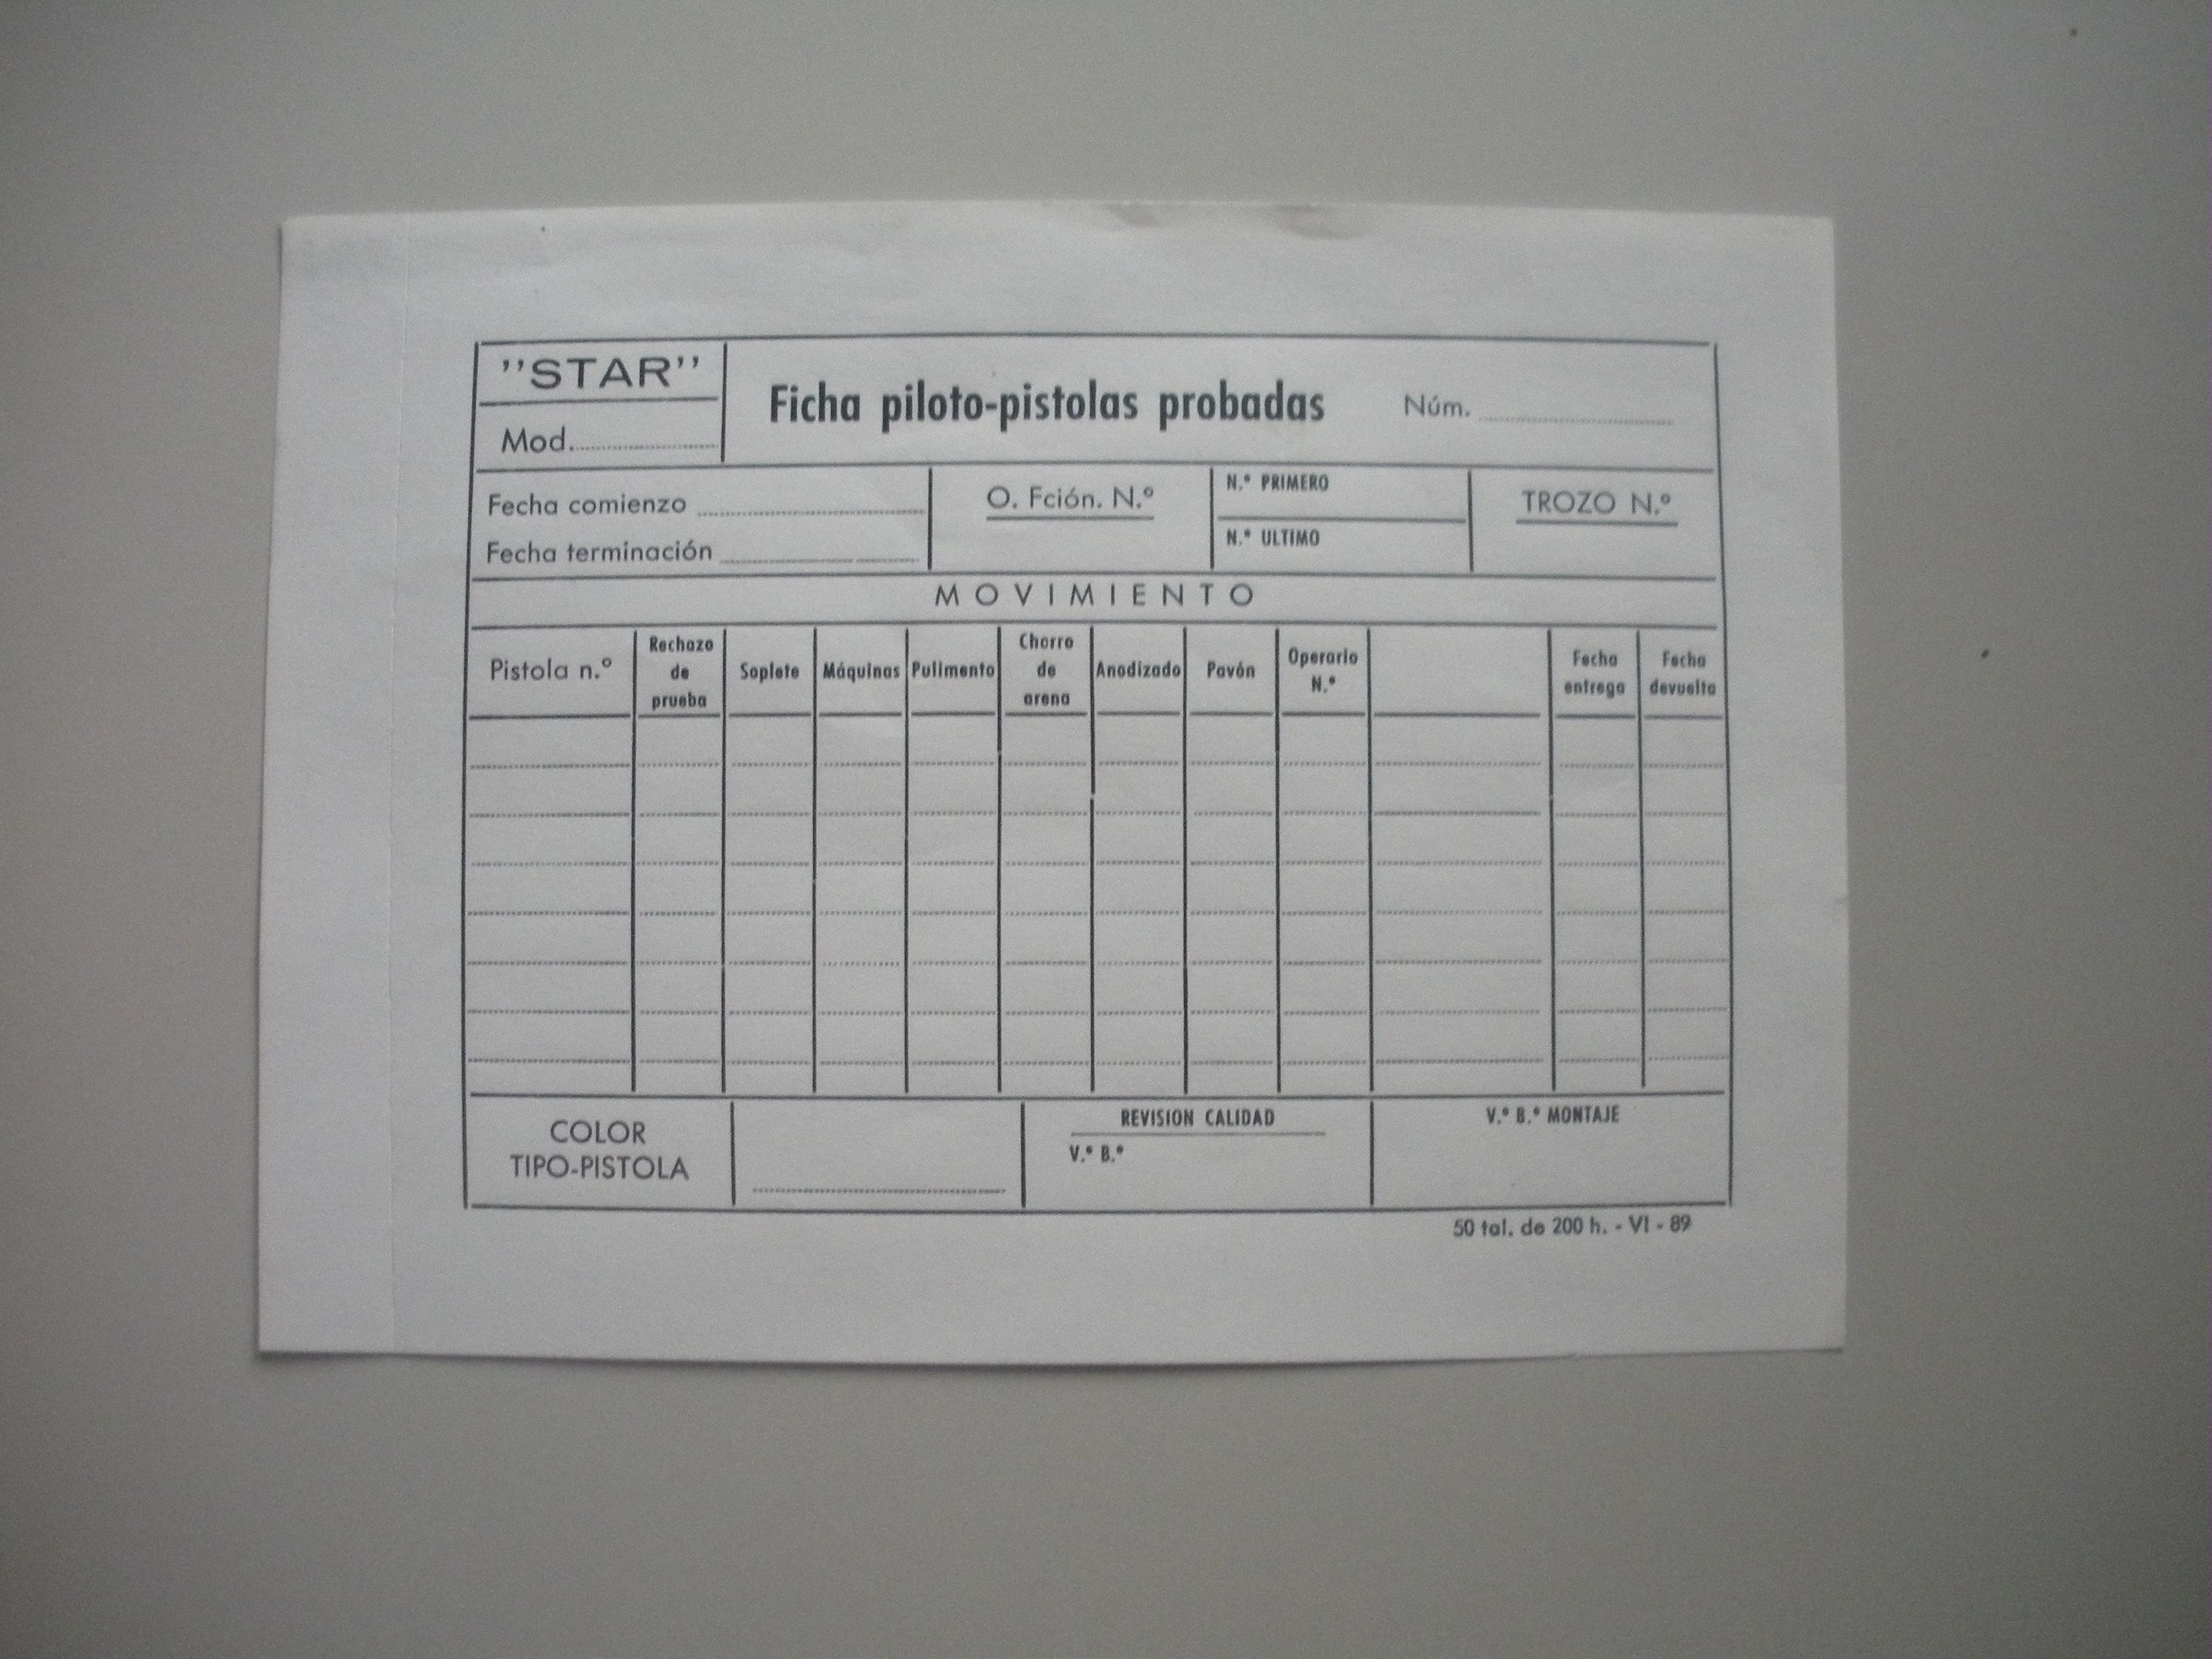 FICHA PILOTO PISTOLAS PROBADAS DE STAR